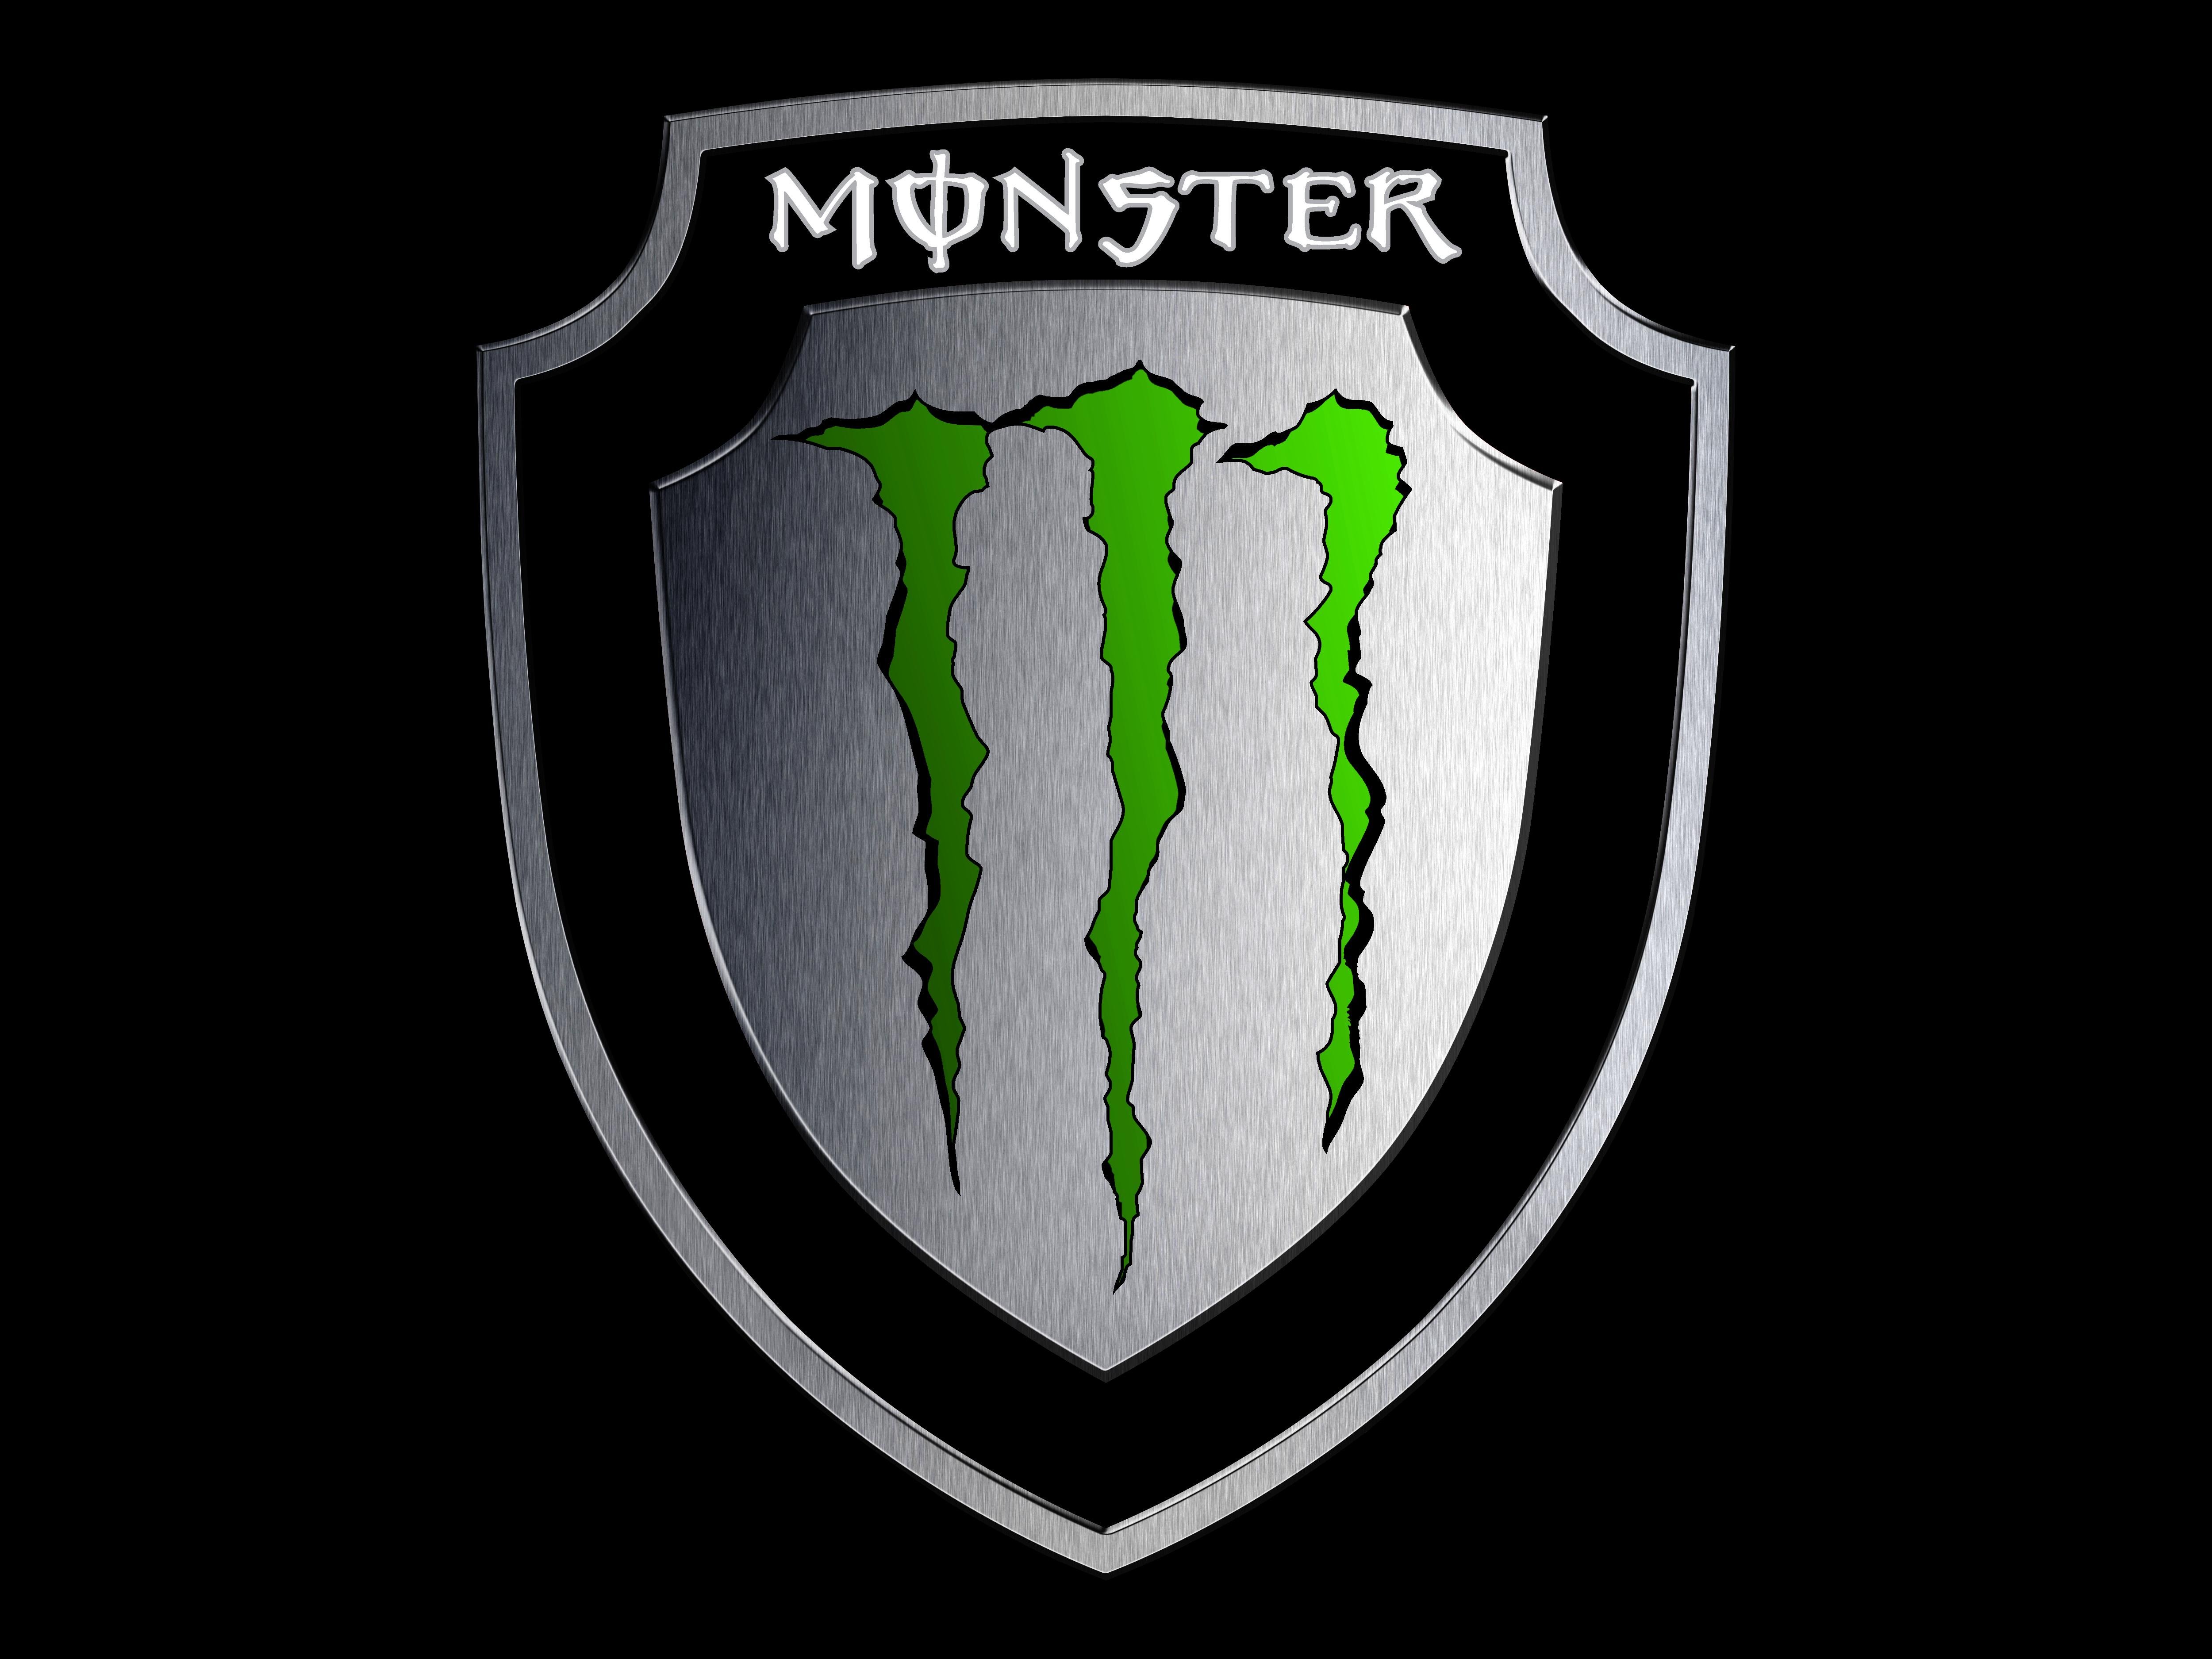 Green Monster Energy Drink Monster Energy Drink